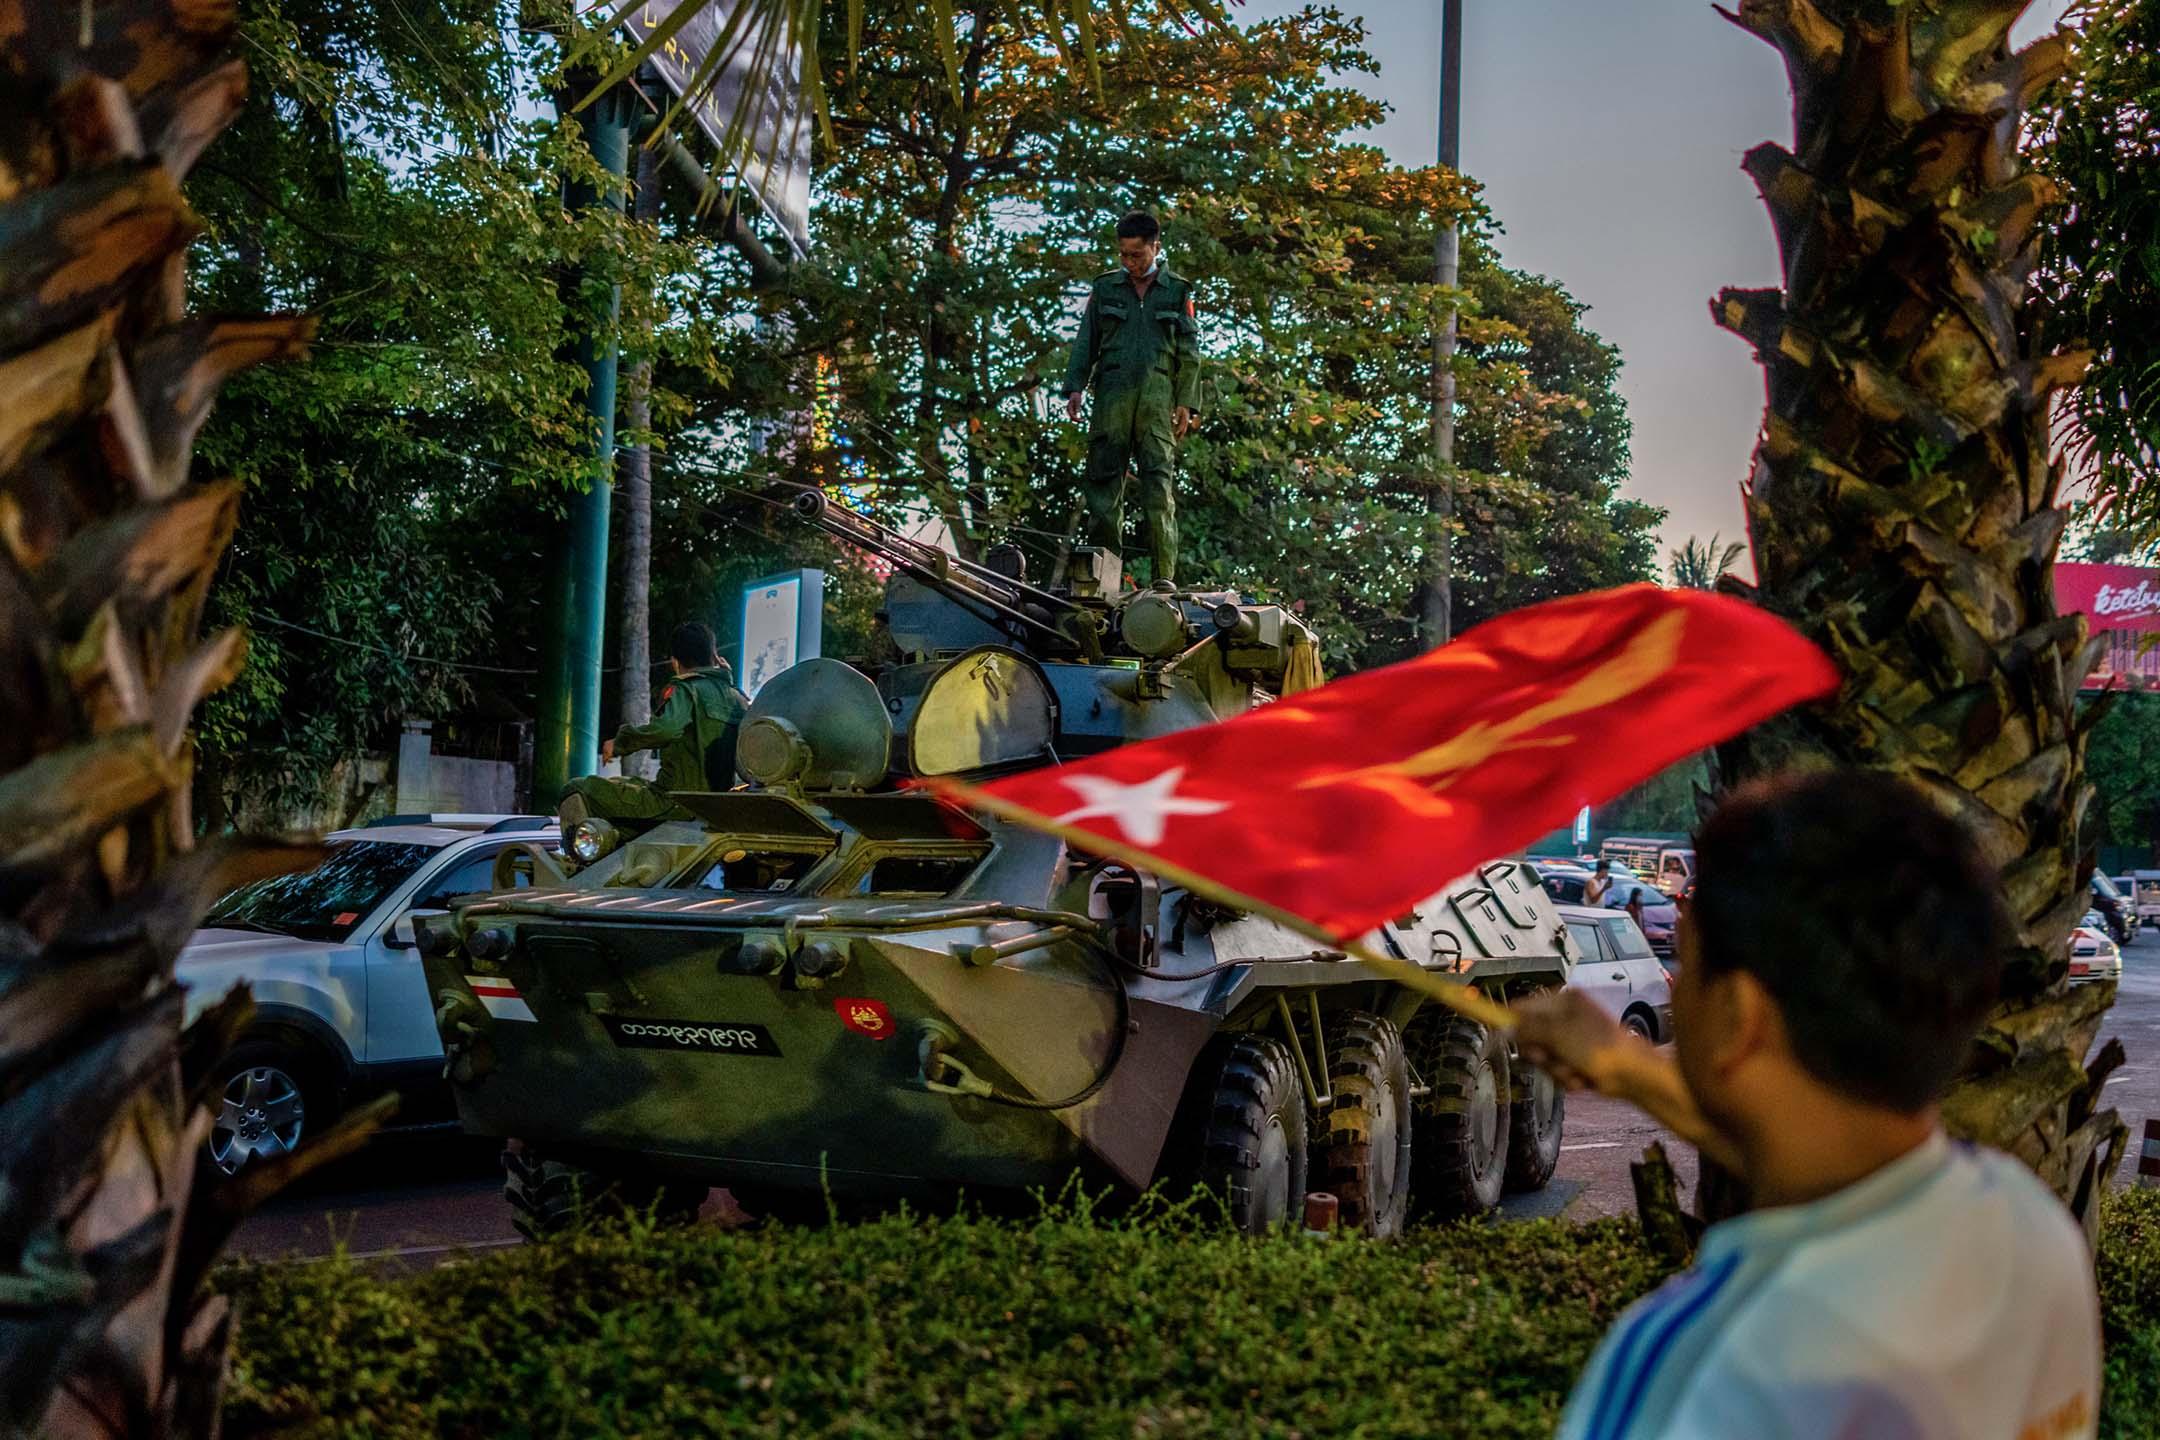 2021年2月14日緬甸仰光,市民在一輛裝甲車附近揮動全國民主聯盟的旗幟。